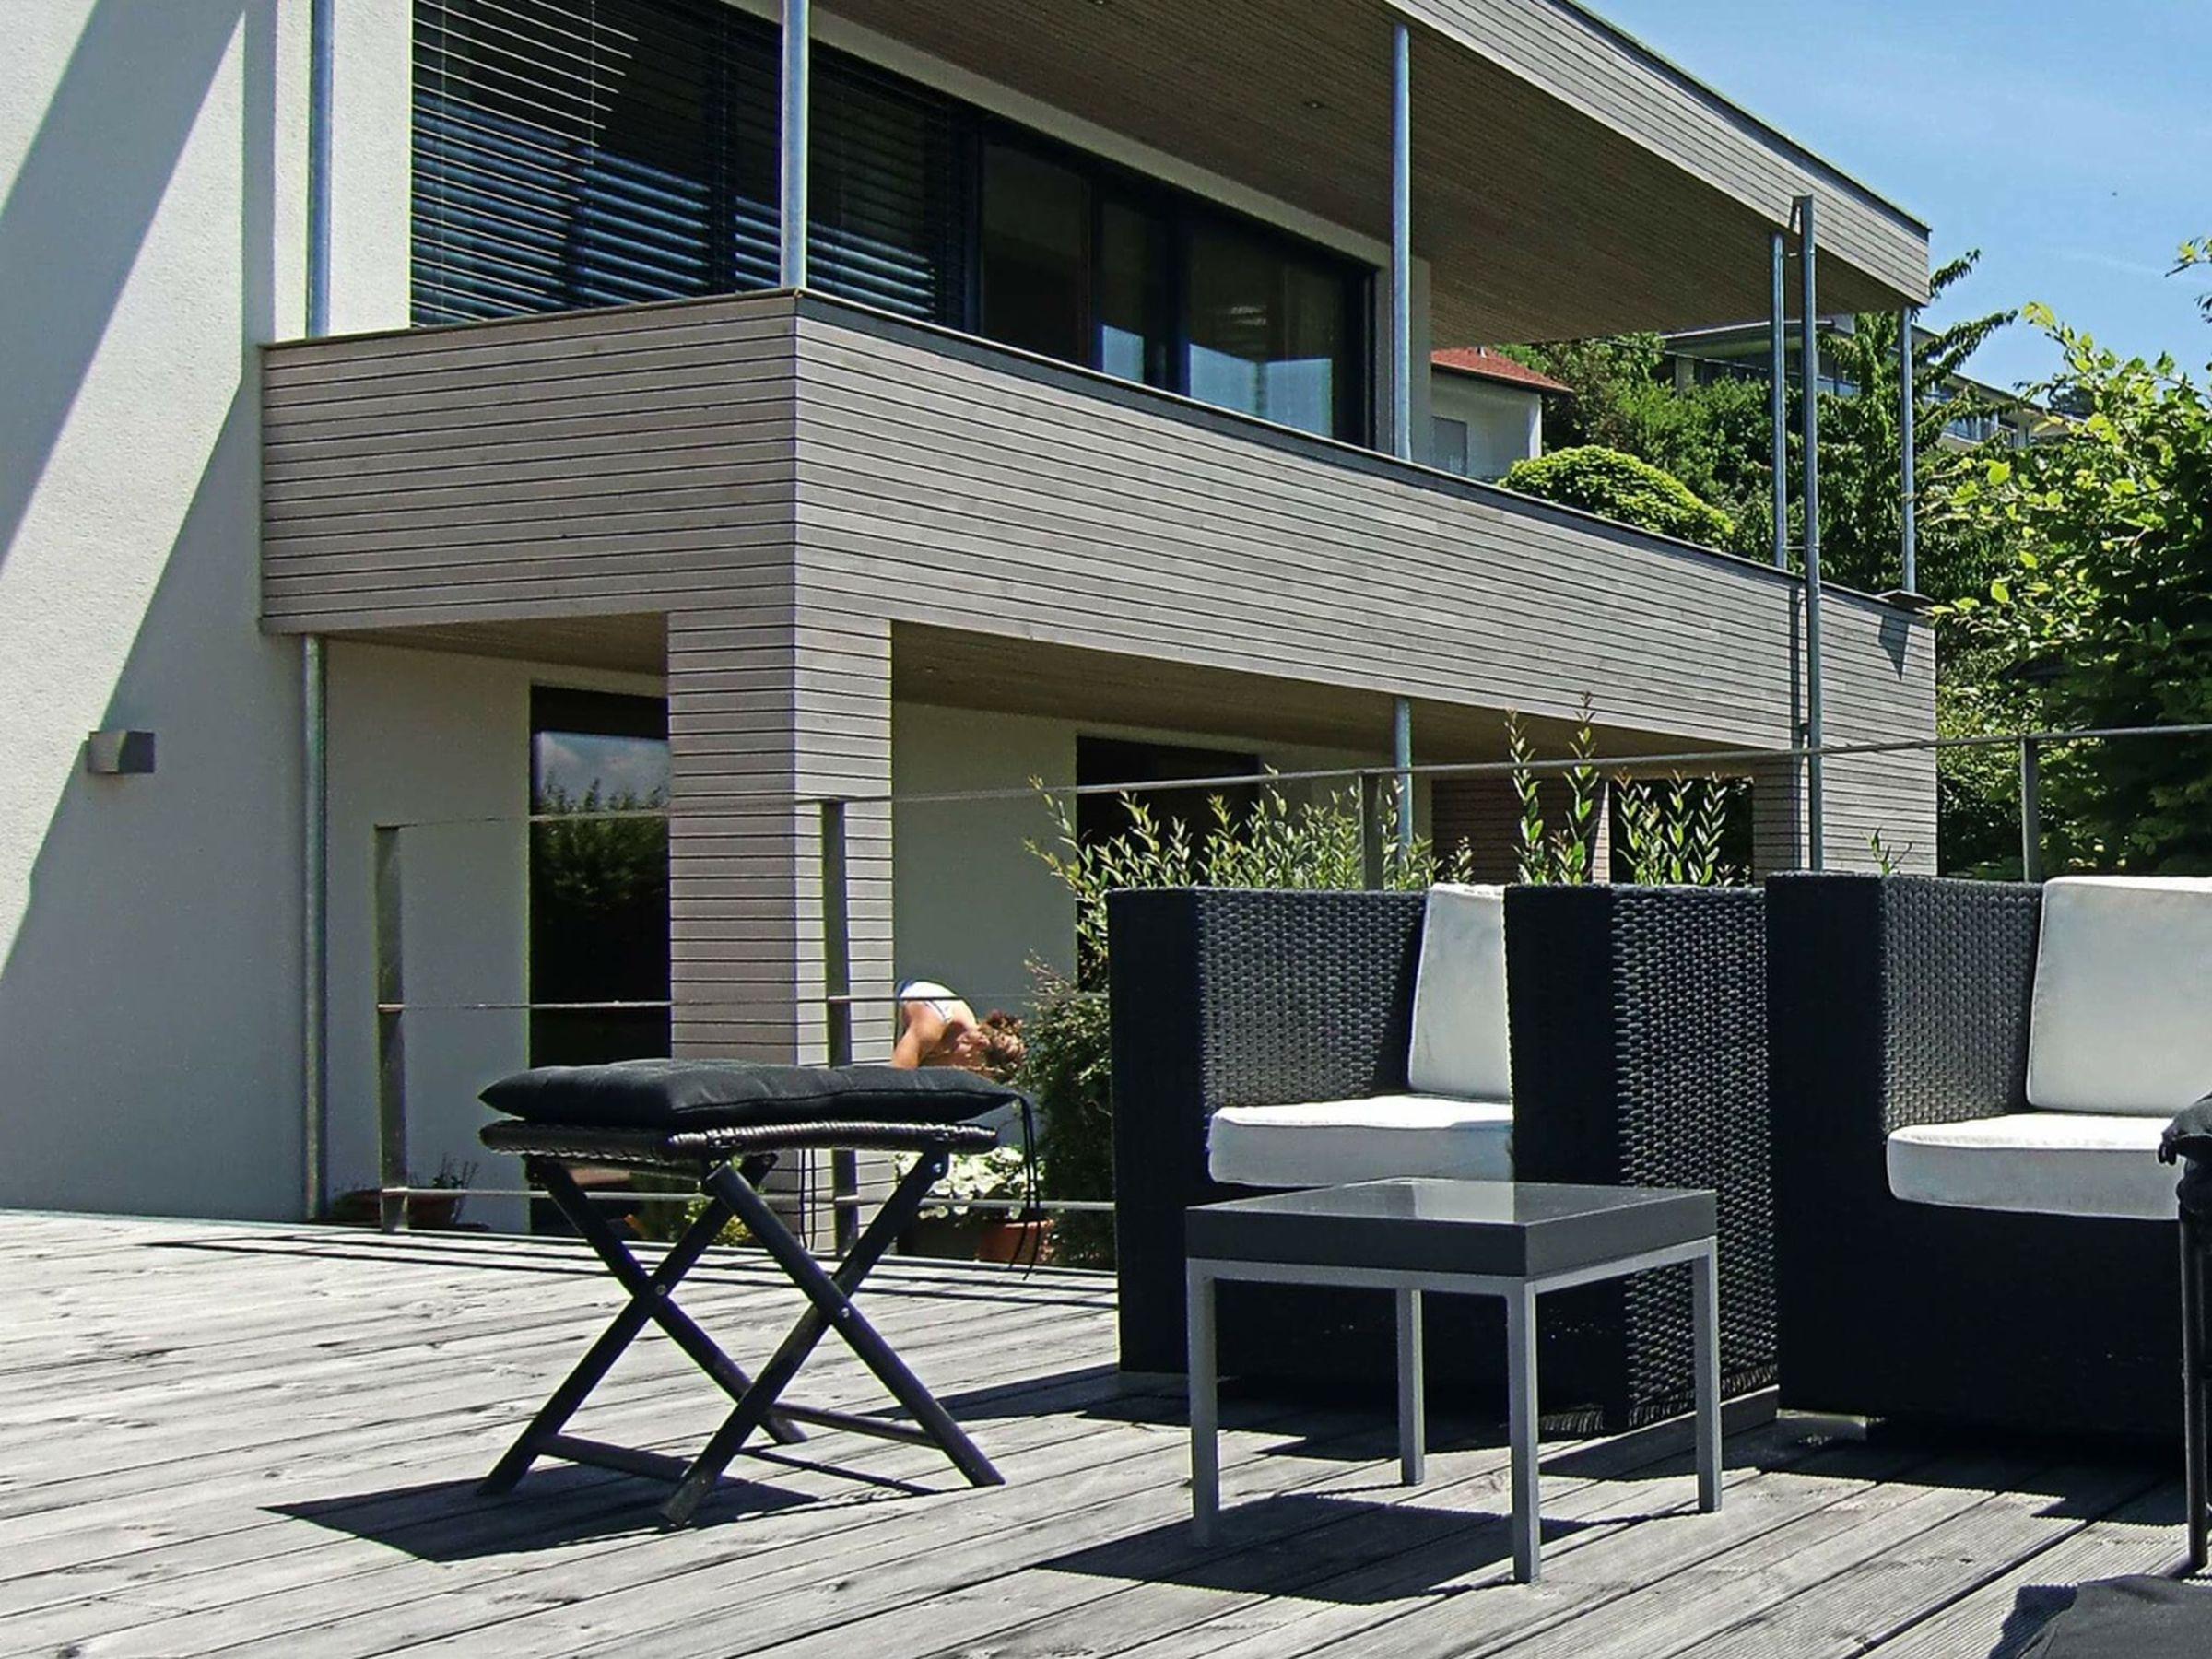 P8 Suite, (Sipplingen). Nichtraucher-Ferienwohnung, 60qm, 2 ...